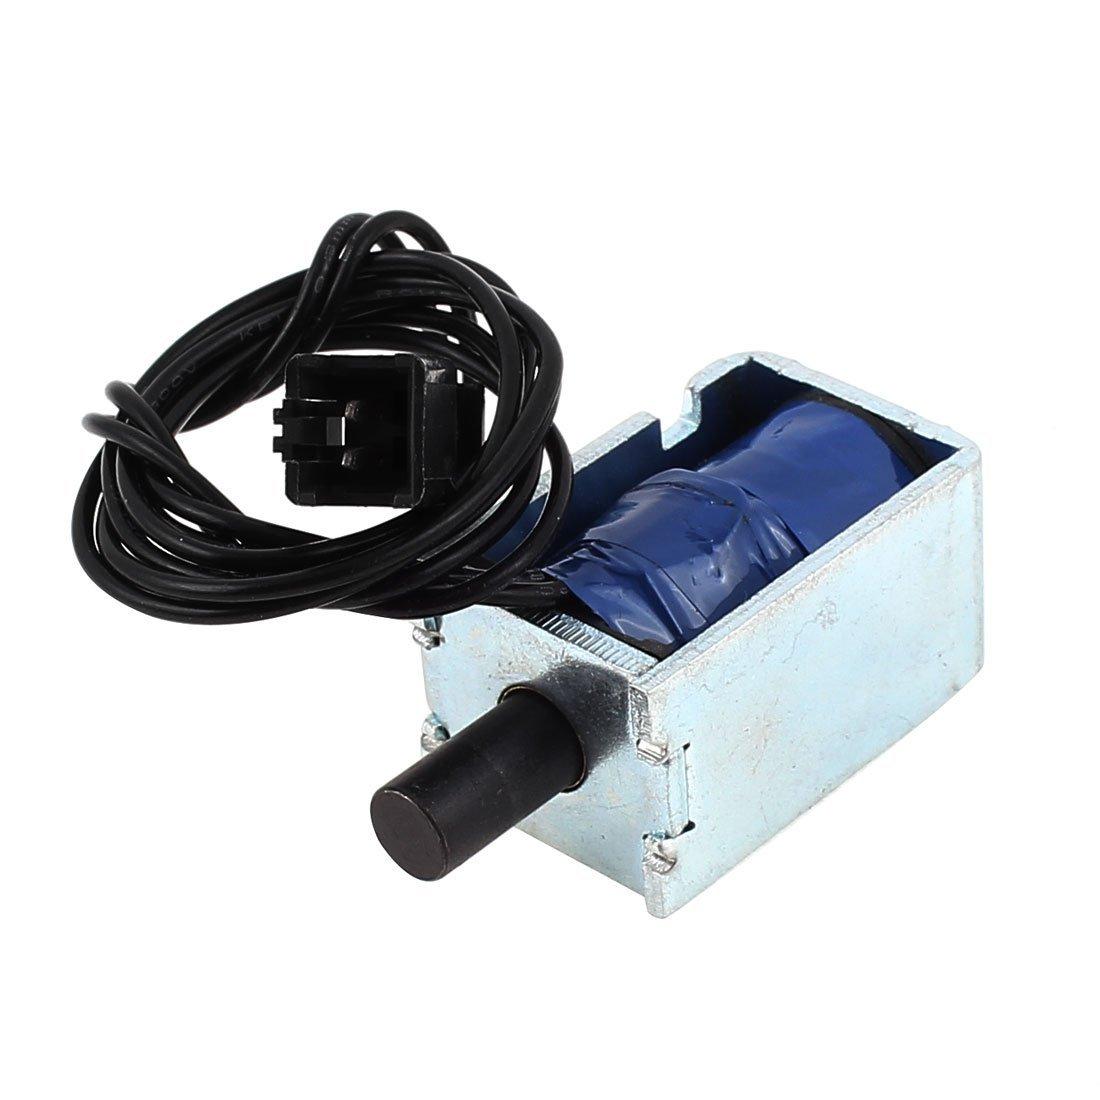 eDealMax a13121700ux0047 Empuje Tipo Fuerza Tubular electroimán del solenoide, DC 12V, 2.4W, 500 g: Amazon.com: Industrial & Scientific